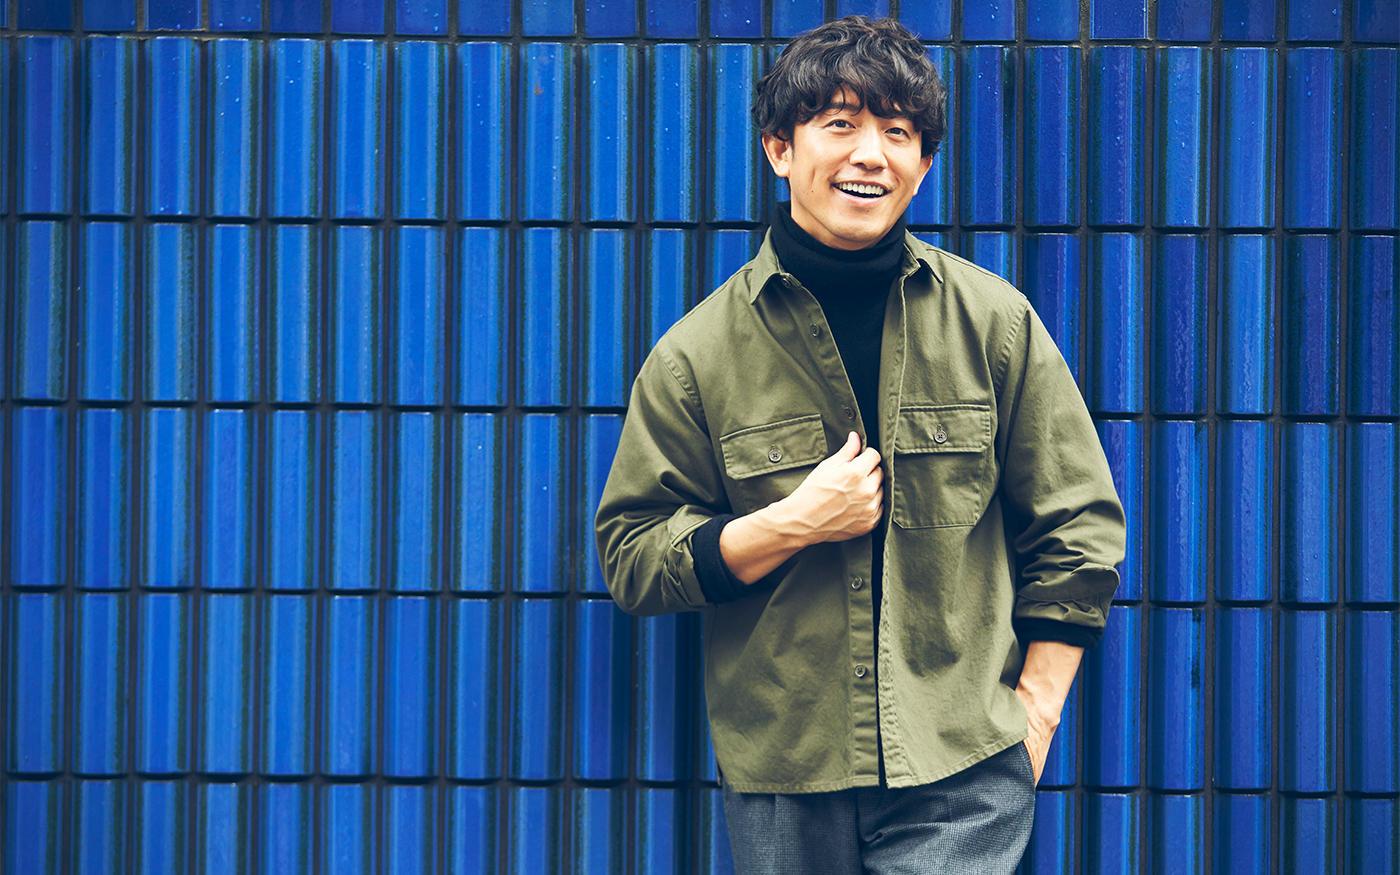 秋口のカジュアルは、気軽に羽織れる||「シャツジャケット」が便利!